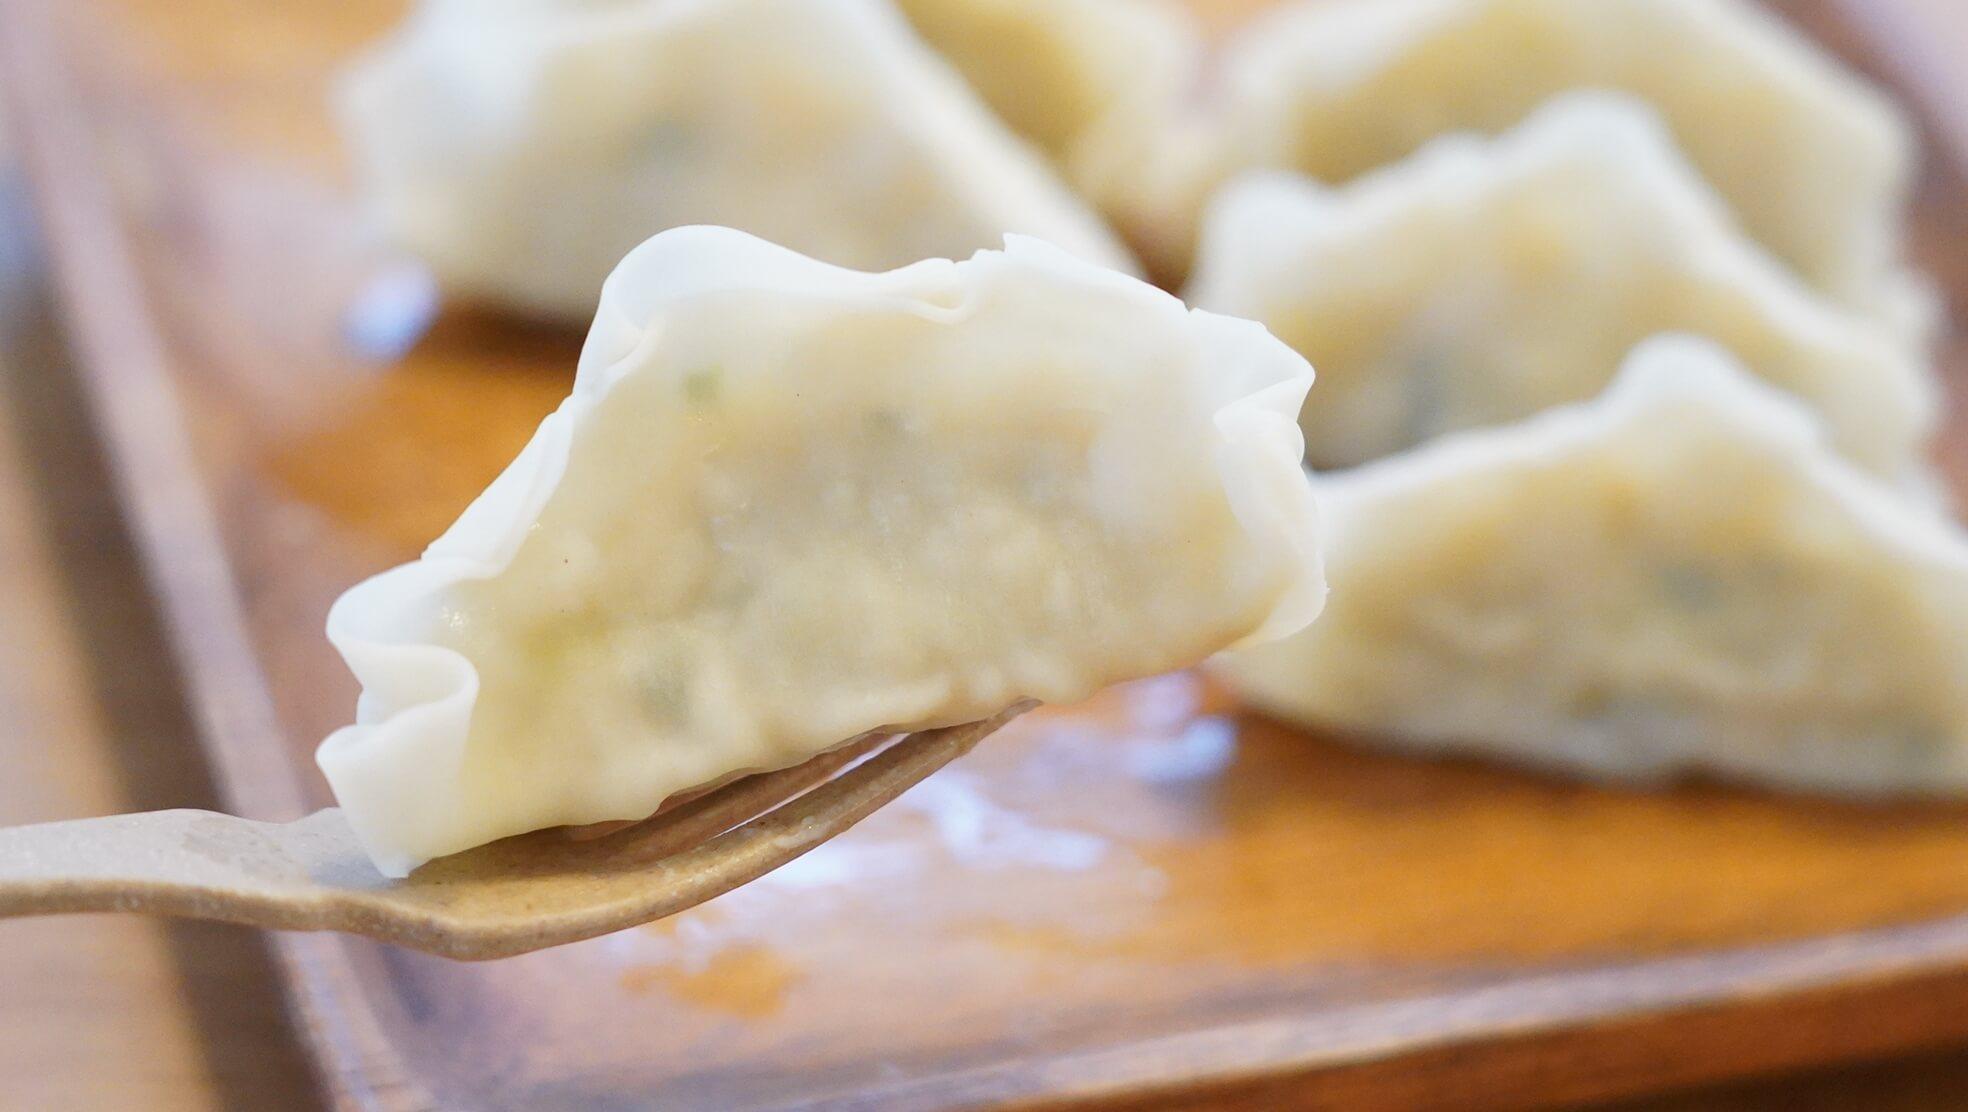 冷凍食品「マッスル餃子」をフォークで持ち上げている写真